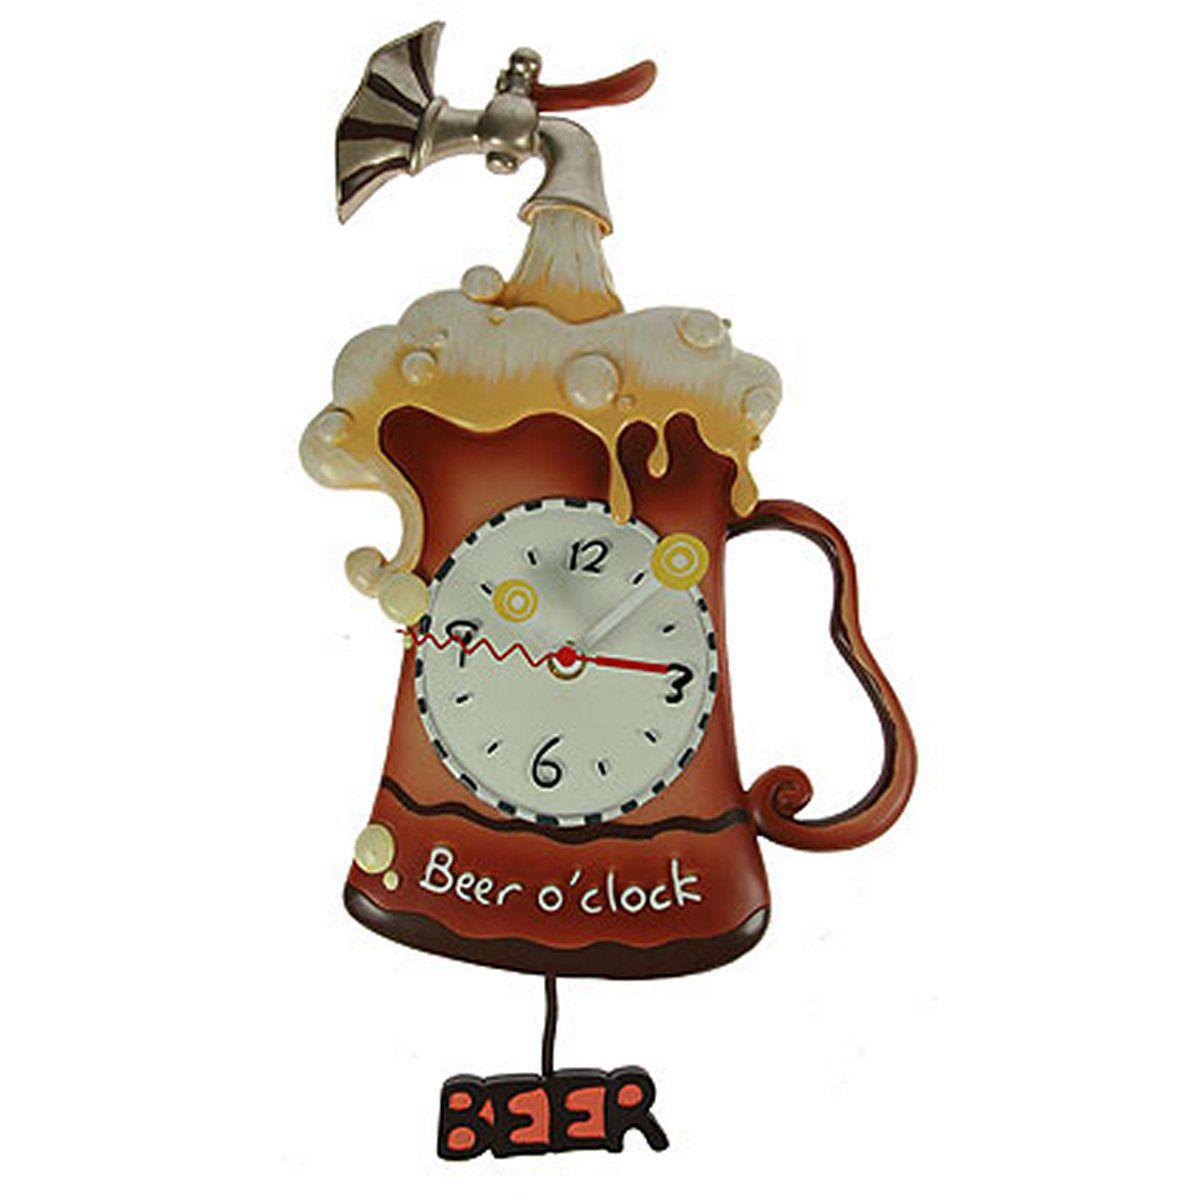 Часы настенные Русские Подарки Пиво, с маятником, 25 х 7 х 52 см. 224865224865Настенные часы с маятником Русские Подарки отлично подойдут в качестве сувенирного подарка родным и близким. Модель выполнена из высококачественных материалов - полистоун, метал, полимер. Часы отличаются оригинальным дизайном в виде кружки пива и великолепным качеством исполнения.